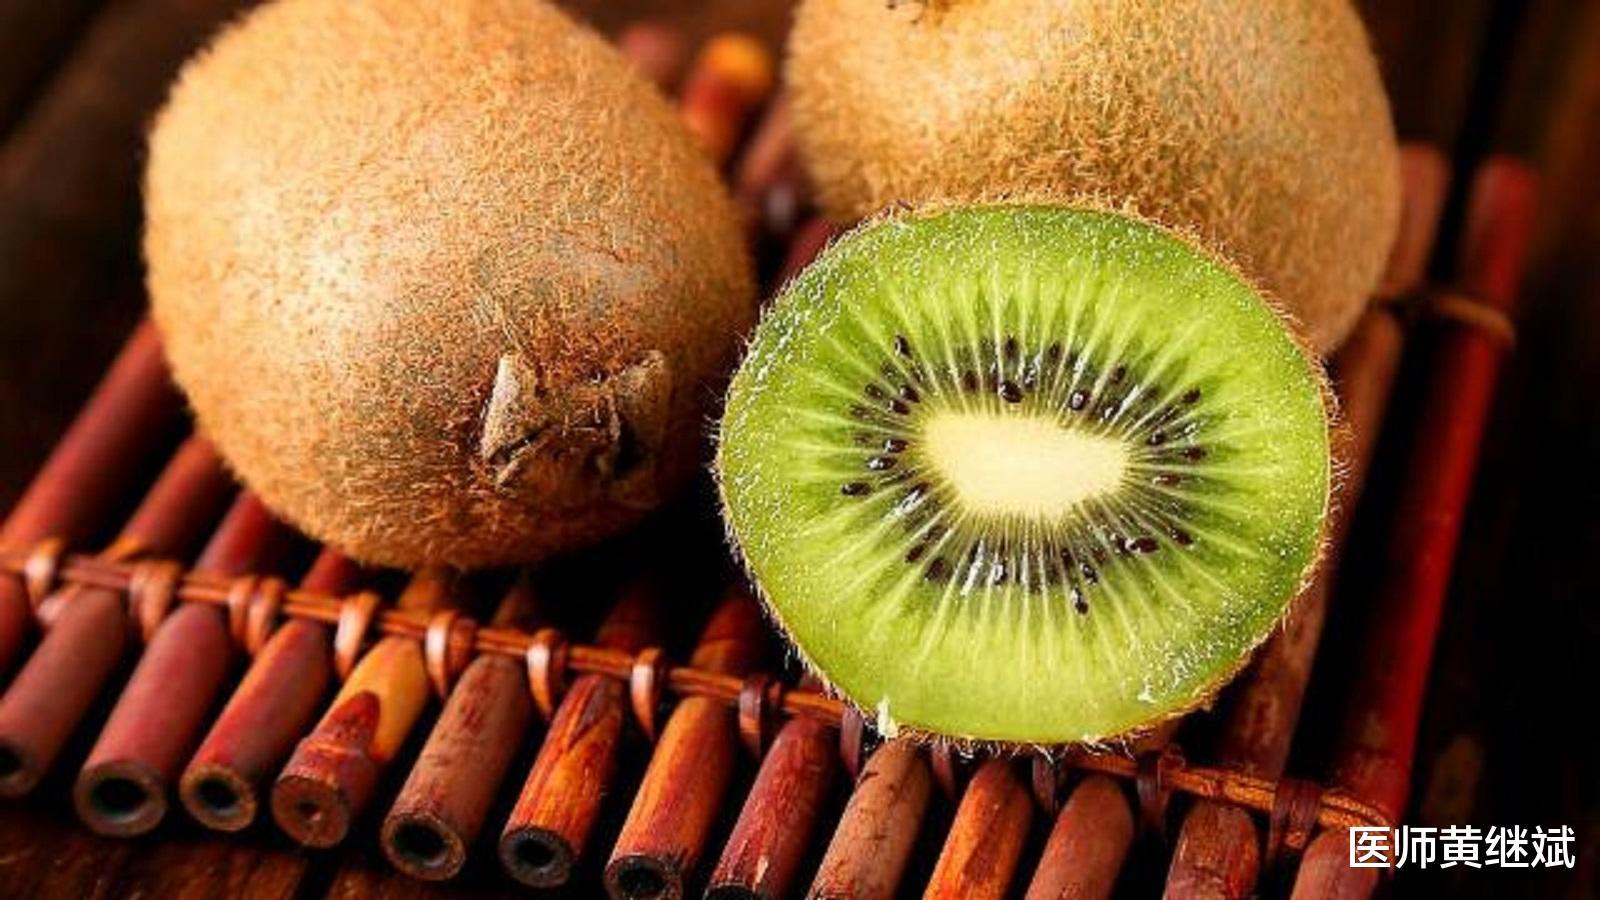 细数吃猕猴桃的注意事项,有3点须牢记,猕猴桃怎么吃能美白?